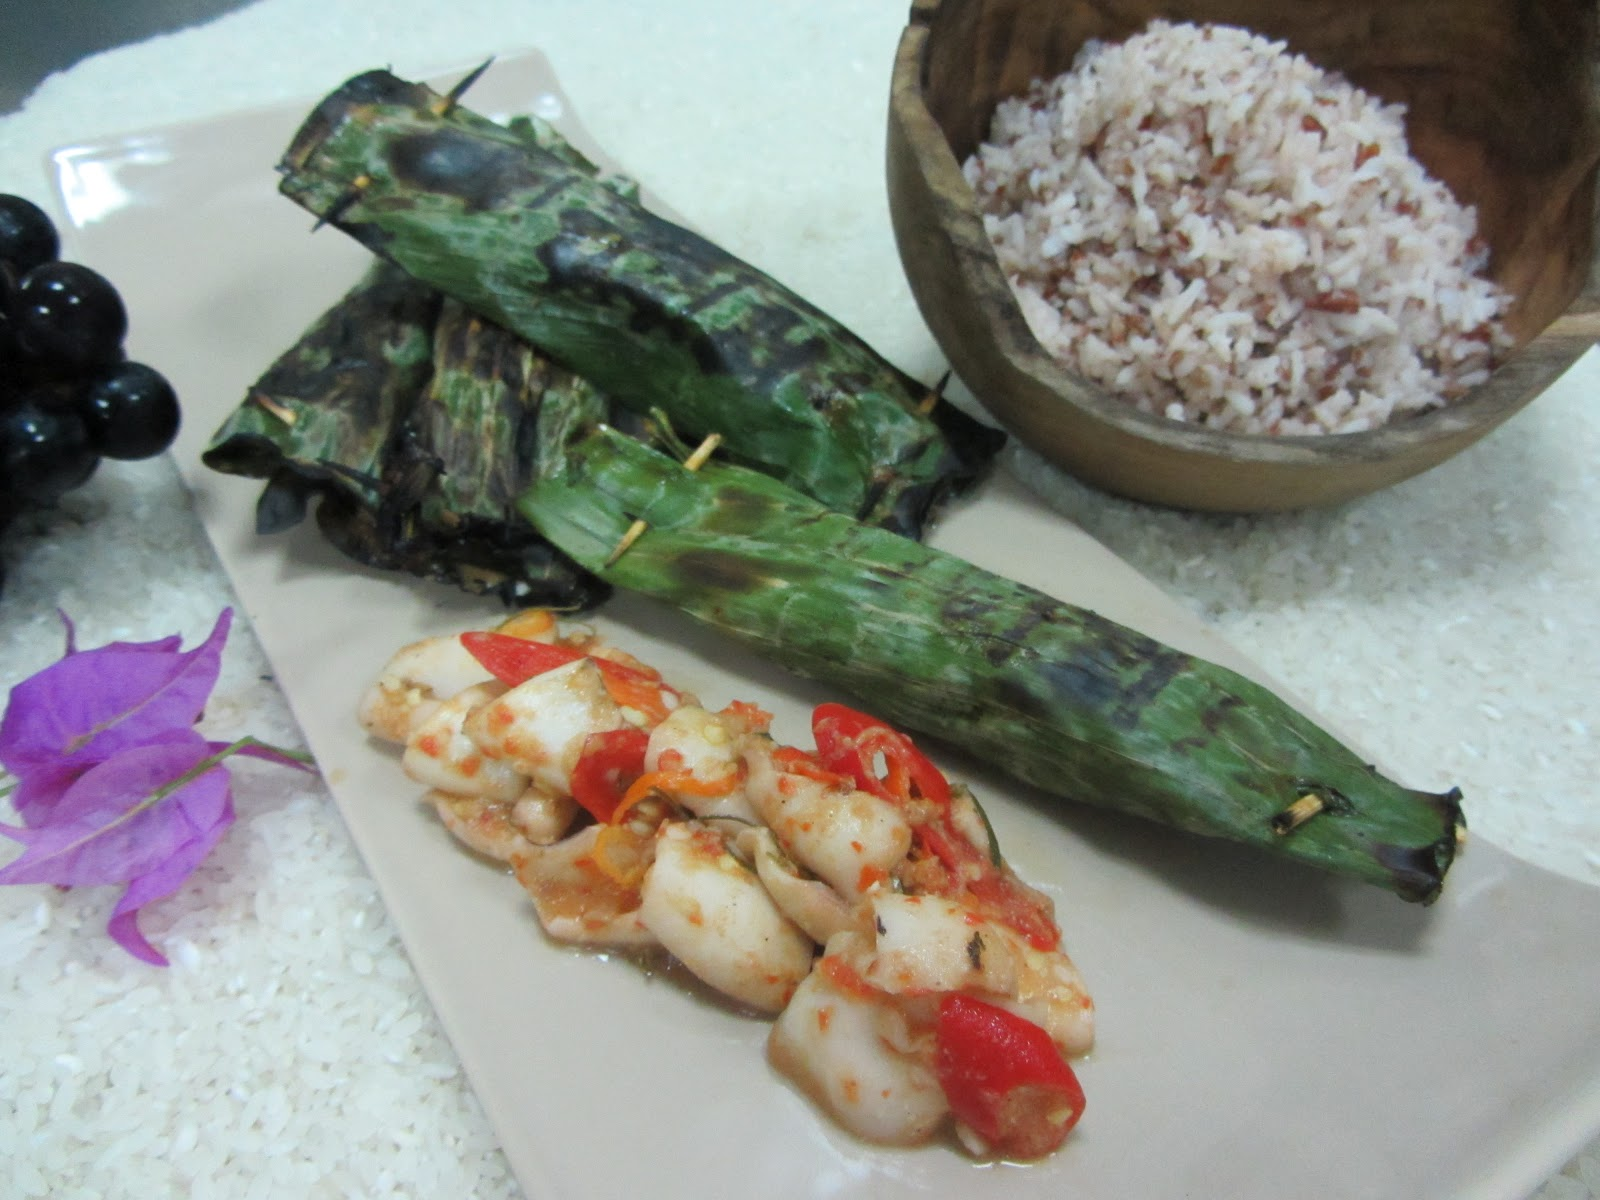 Bingung Mau Masak Apa Di Hari Libur Tak Perlu Khawatir Menu Tradisional Bali Bisa Juga Dimodifikasi Dengan Masakan Indonesia Hasilnya Masakan Yang Enak